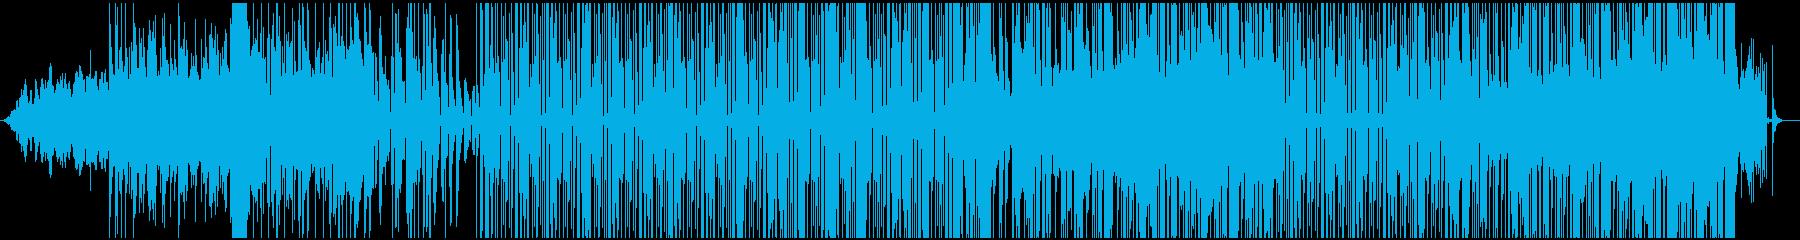 エフェクトを多用したレゲエ調のBGMの再生済みの波形